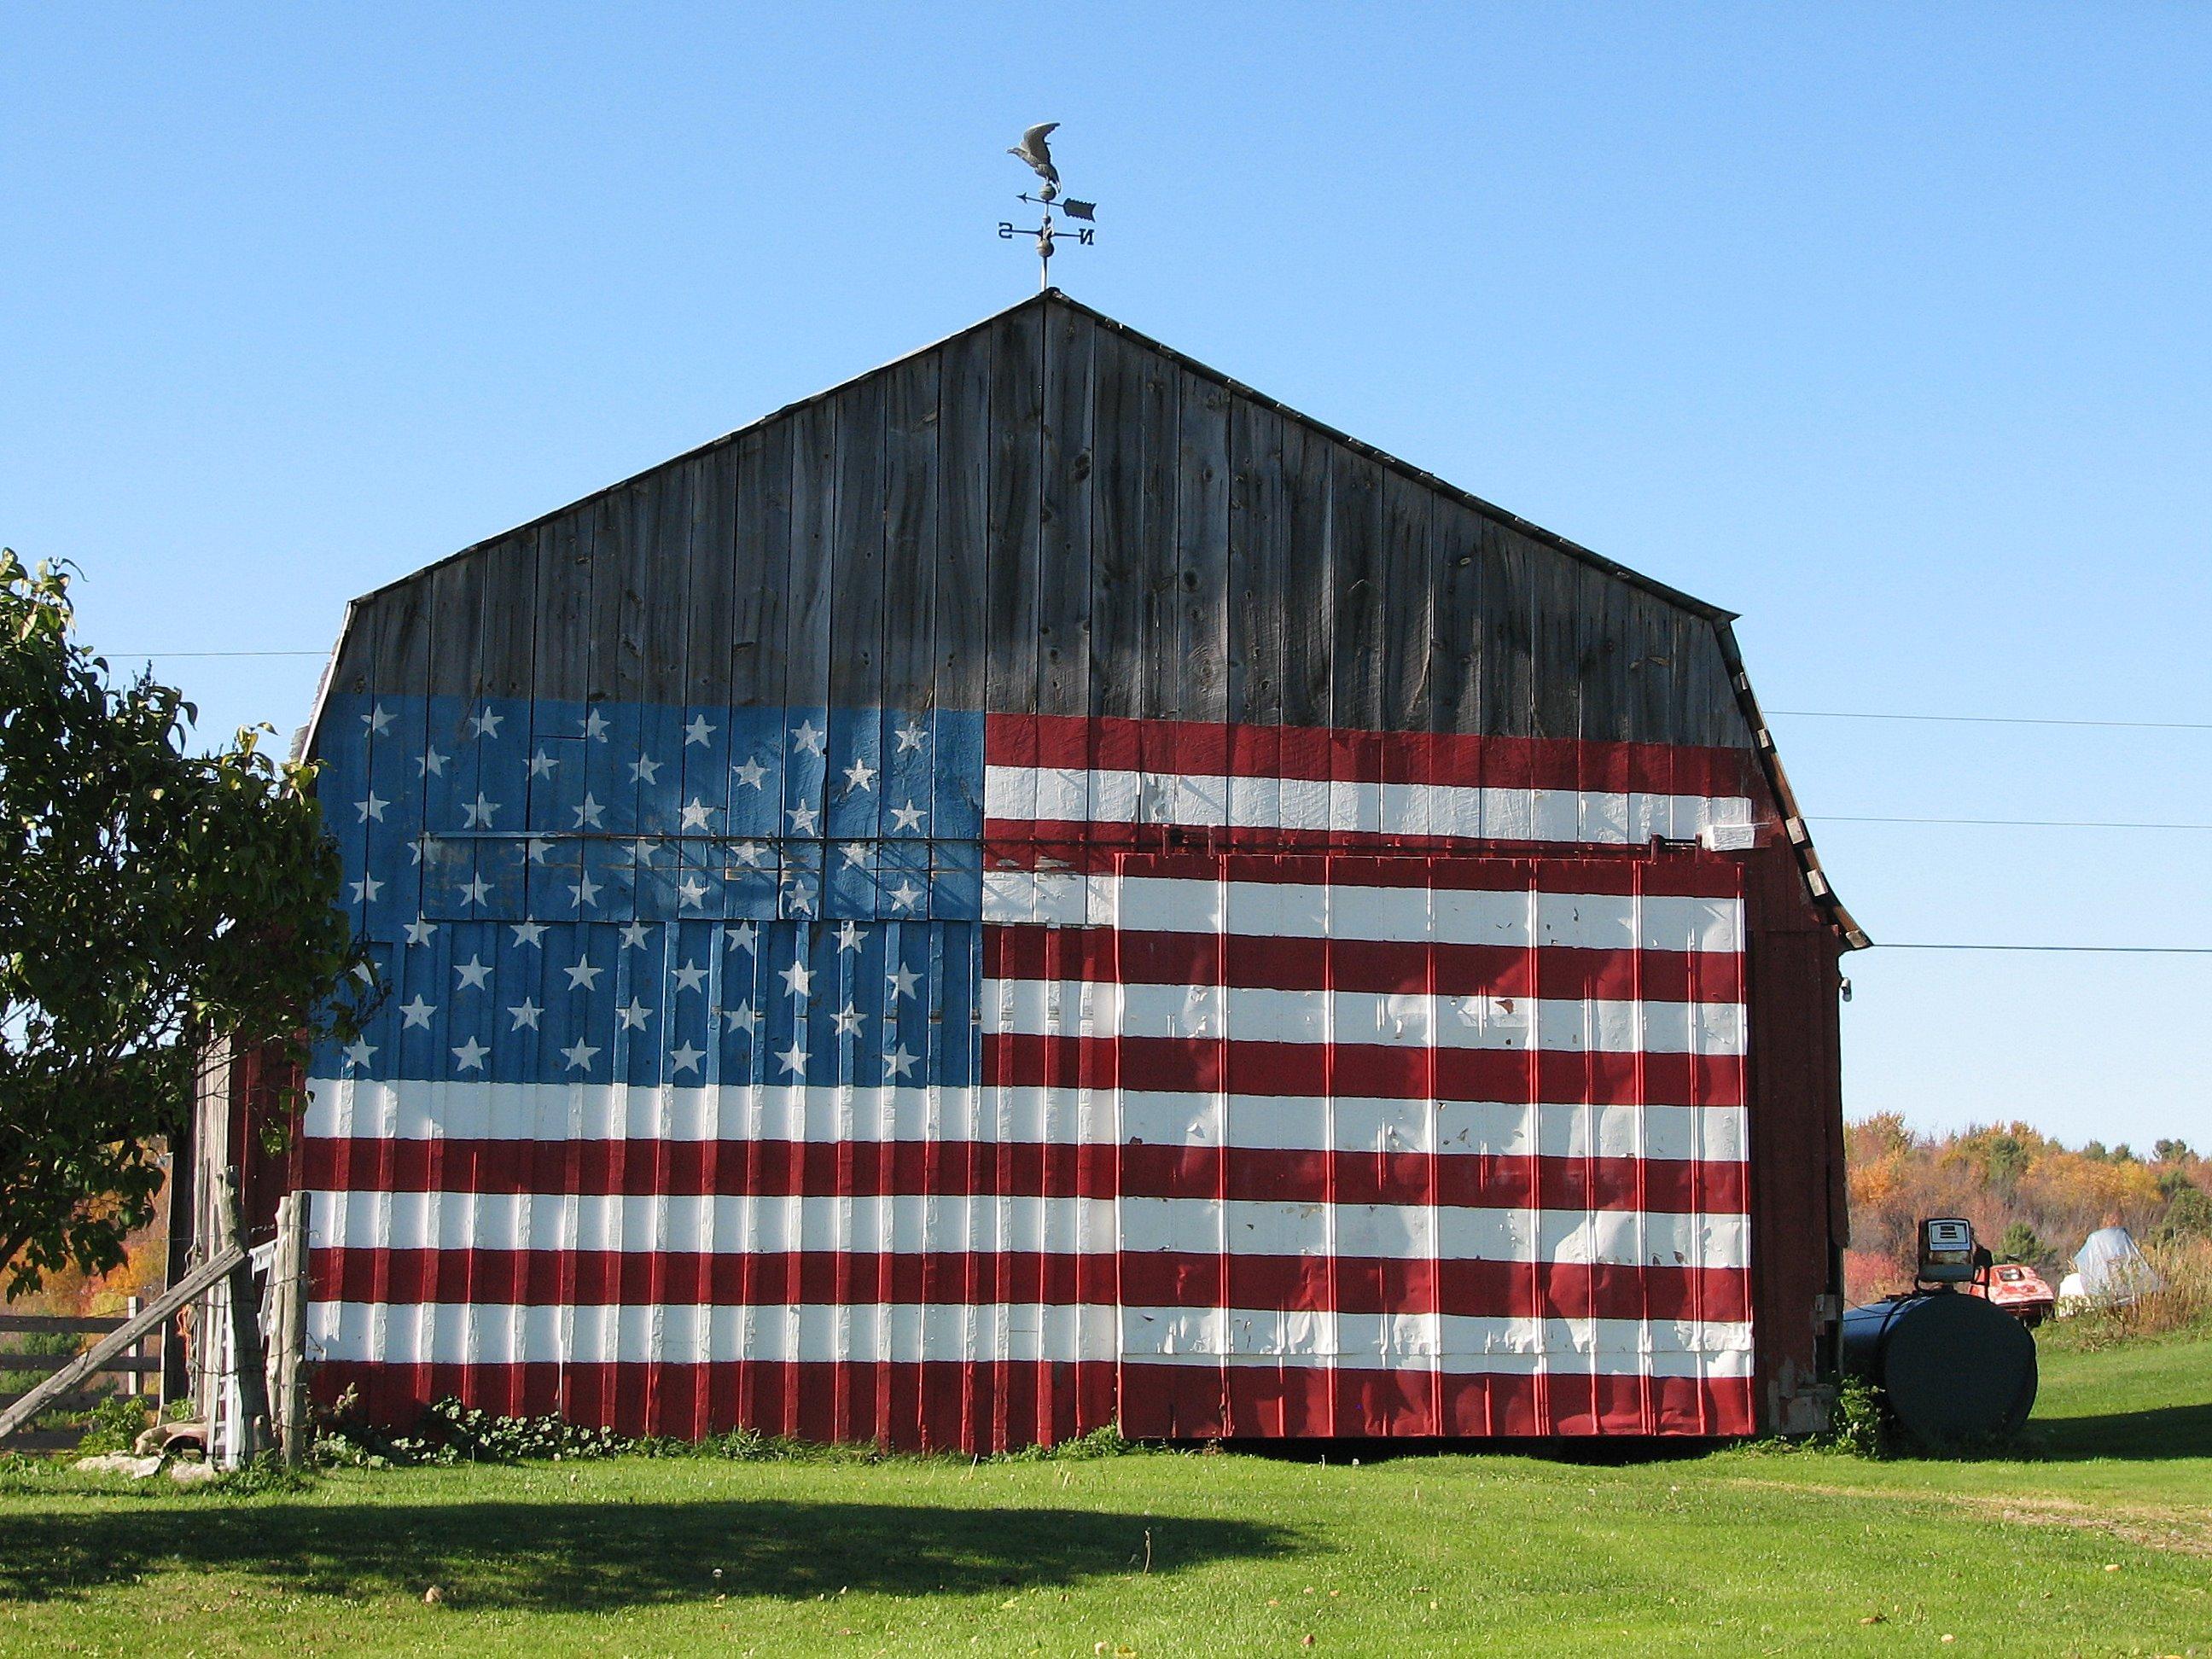 AmericanFlag_Barn02